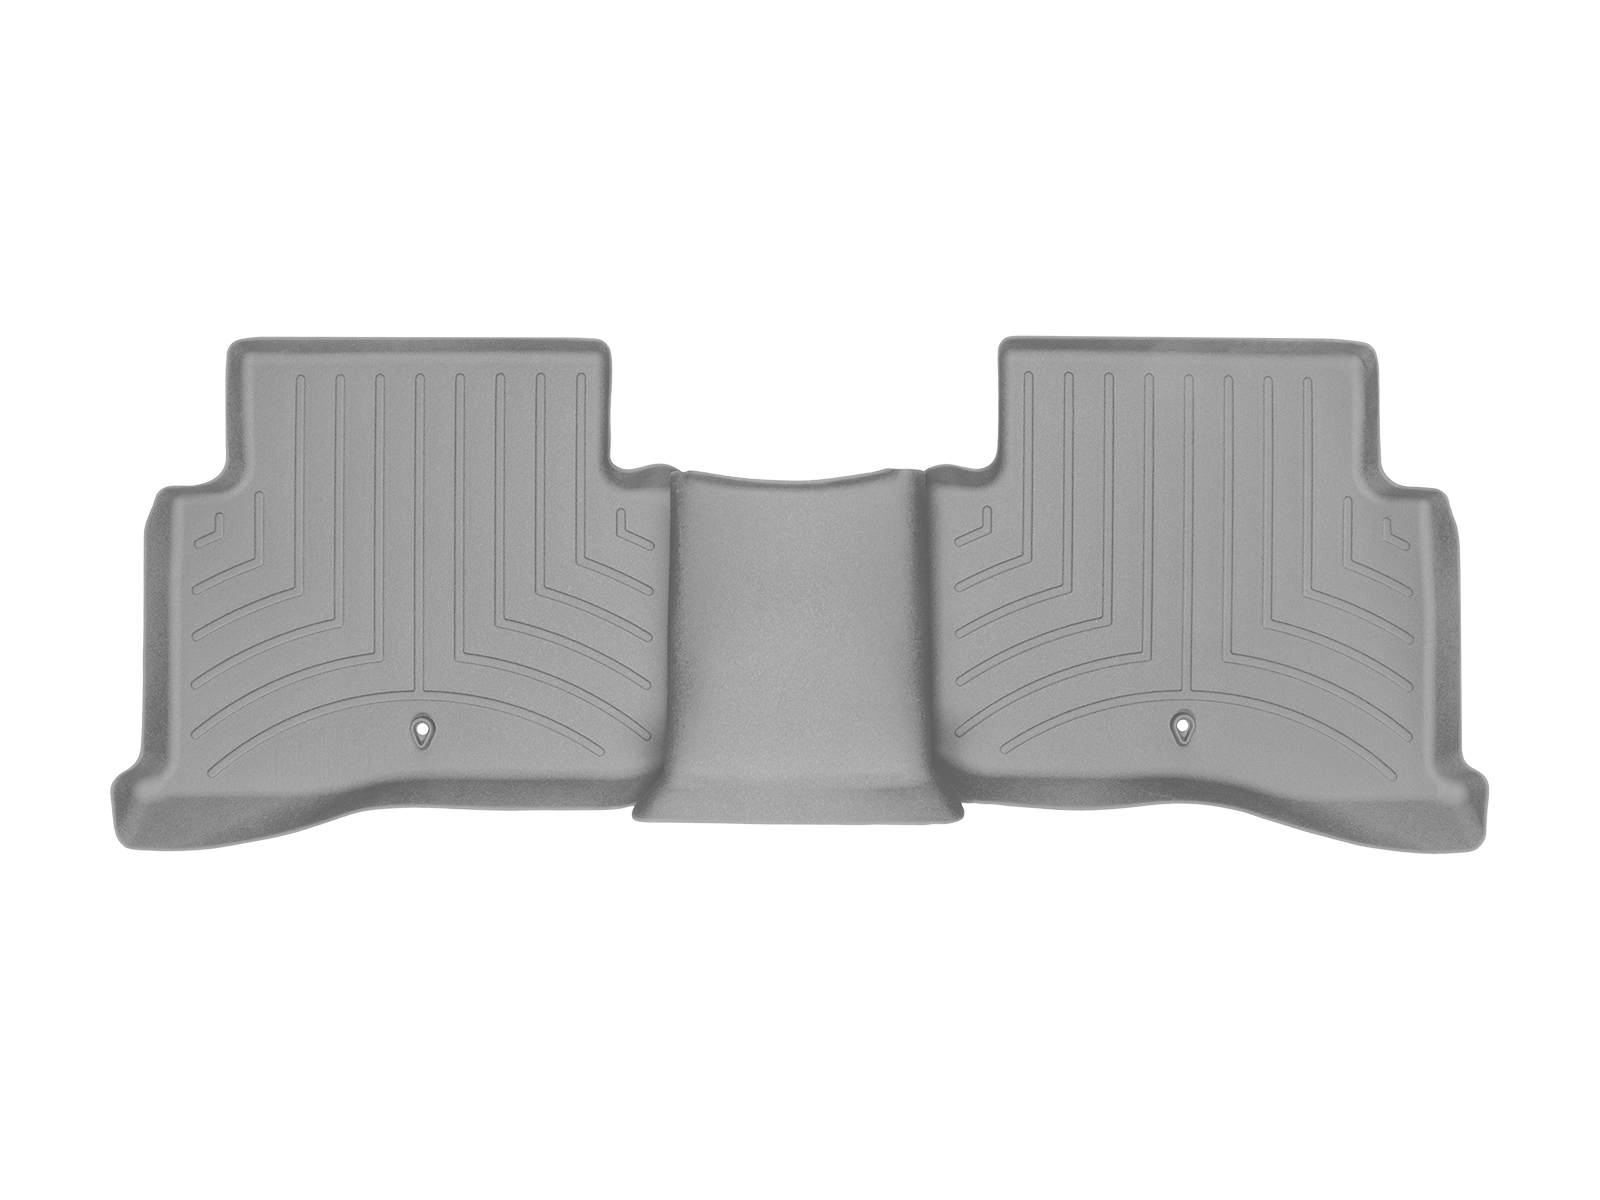 Tappeti gomma su misura bordo alto Hyundai Tucson 15>17 Grigio A1499